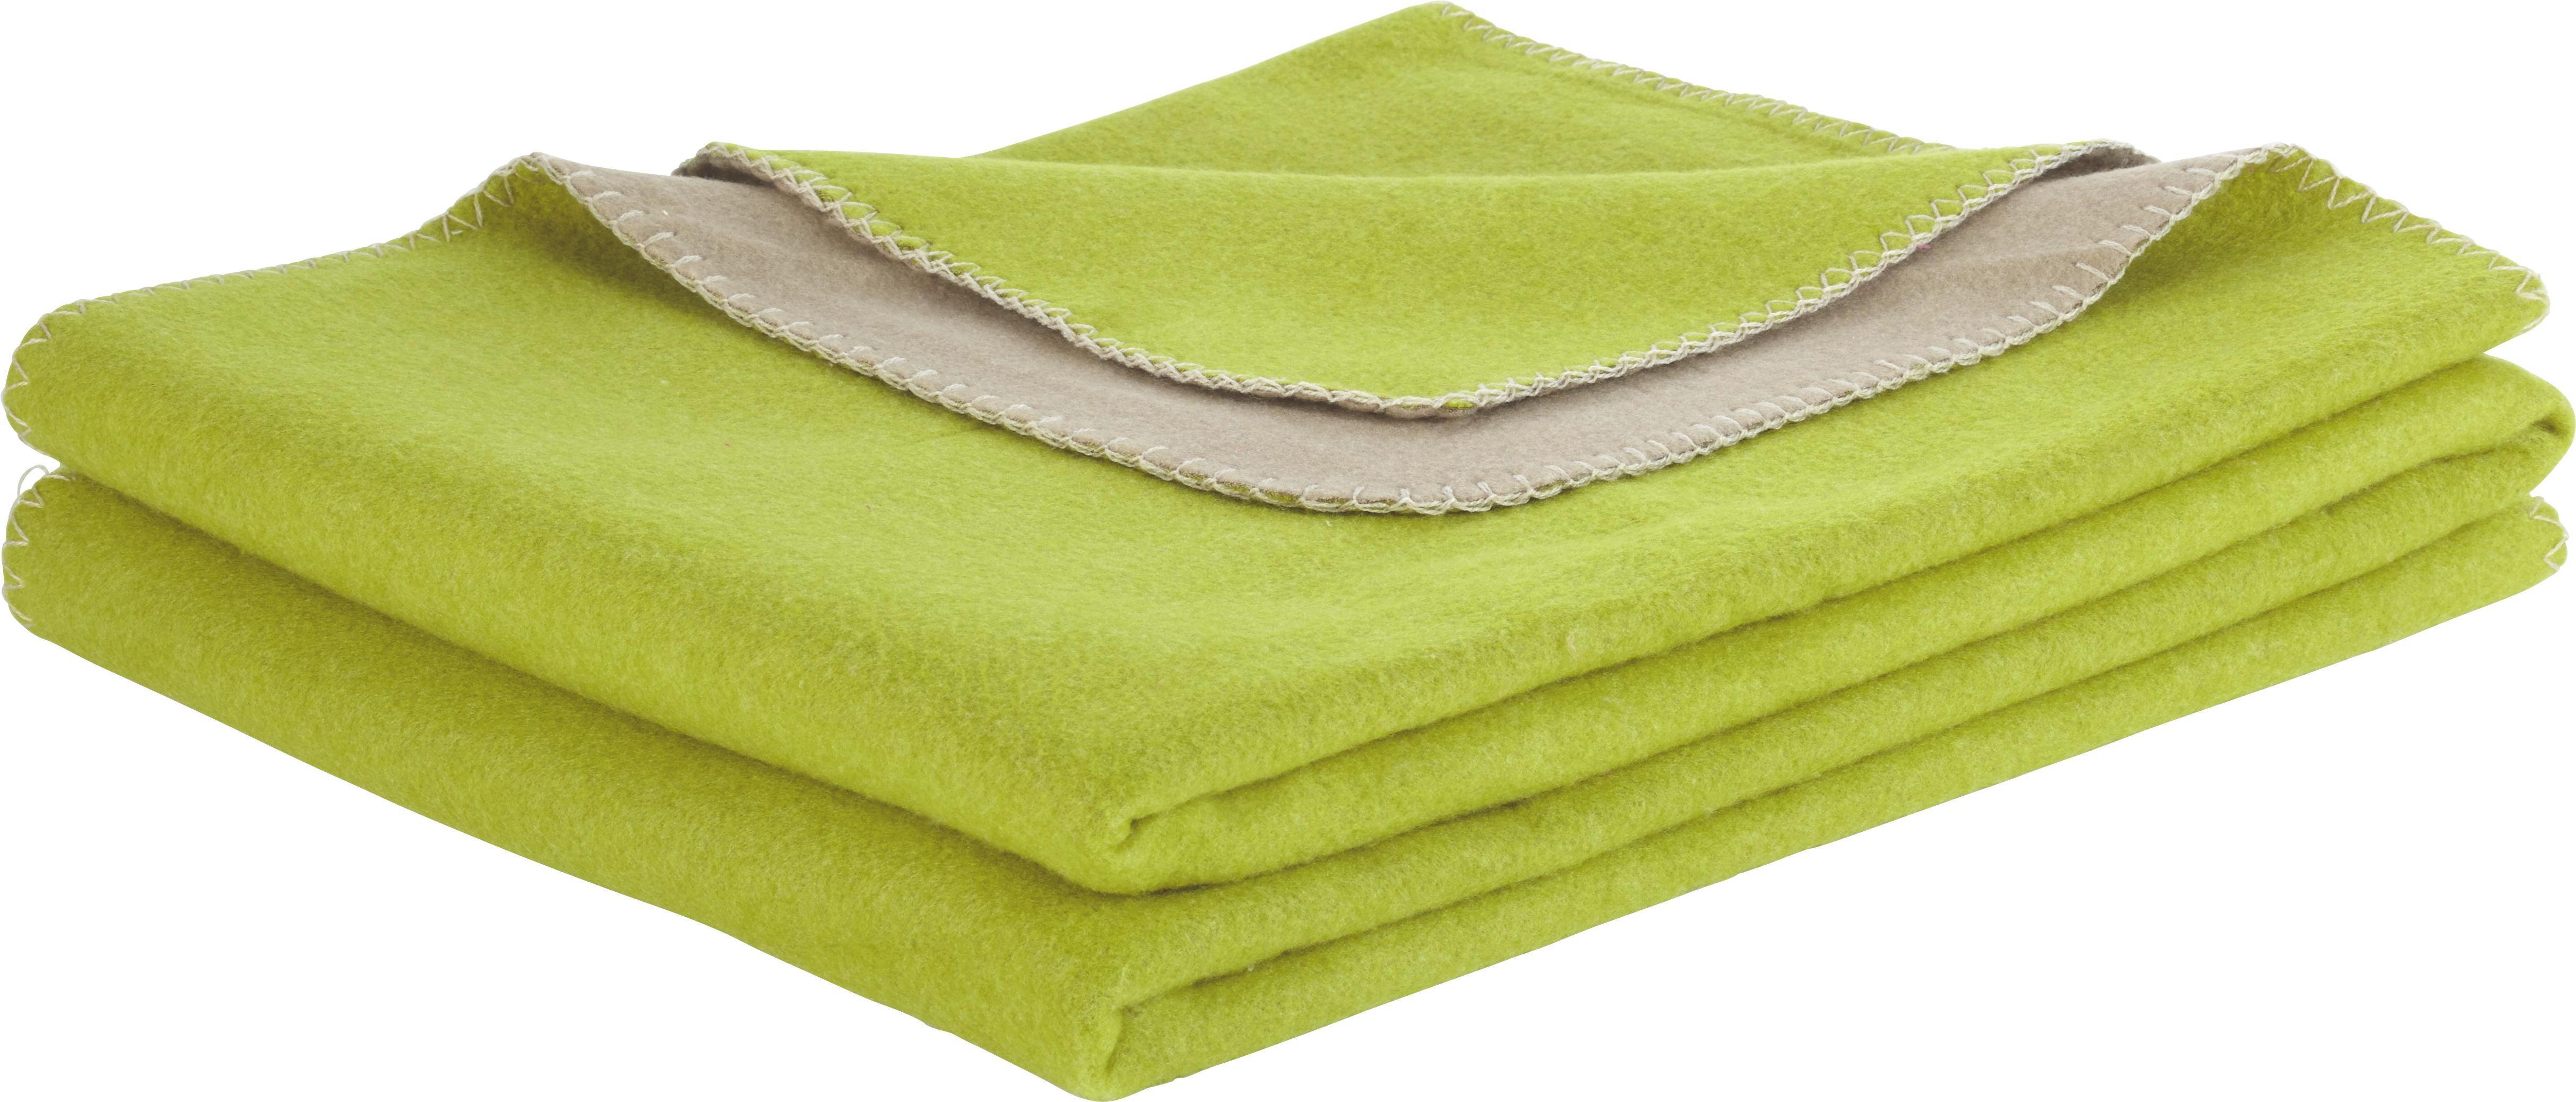 Polár Pléd Wende - világosbarna/zöld, modern, textil (150/200cm) - premium living